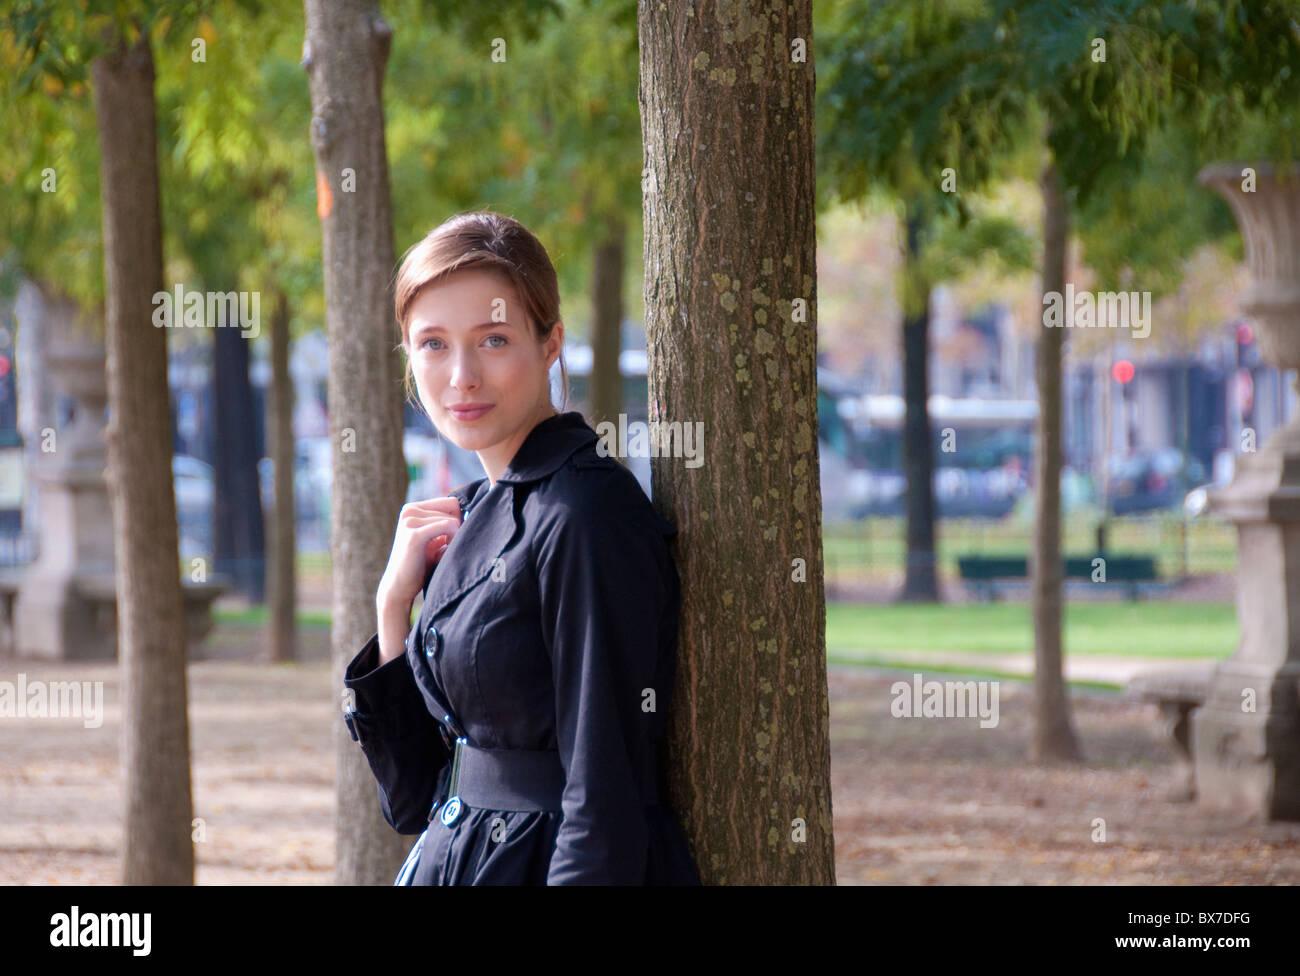 Portrait of woman in Paris park - Stock Image